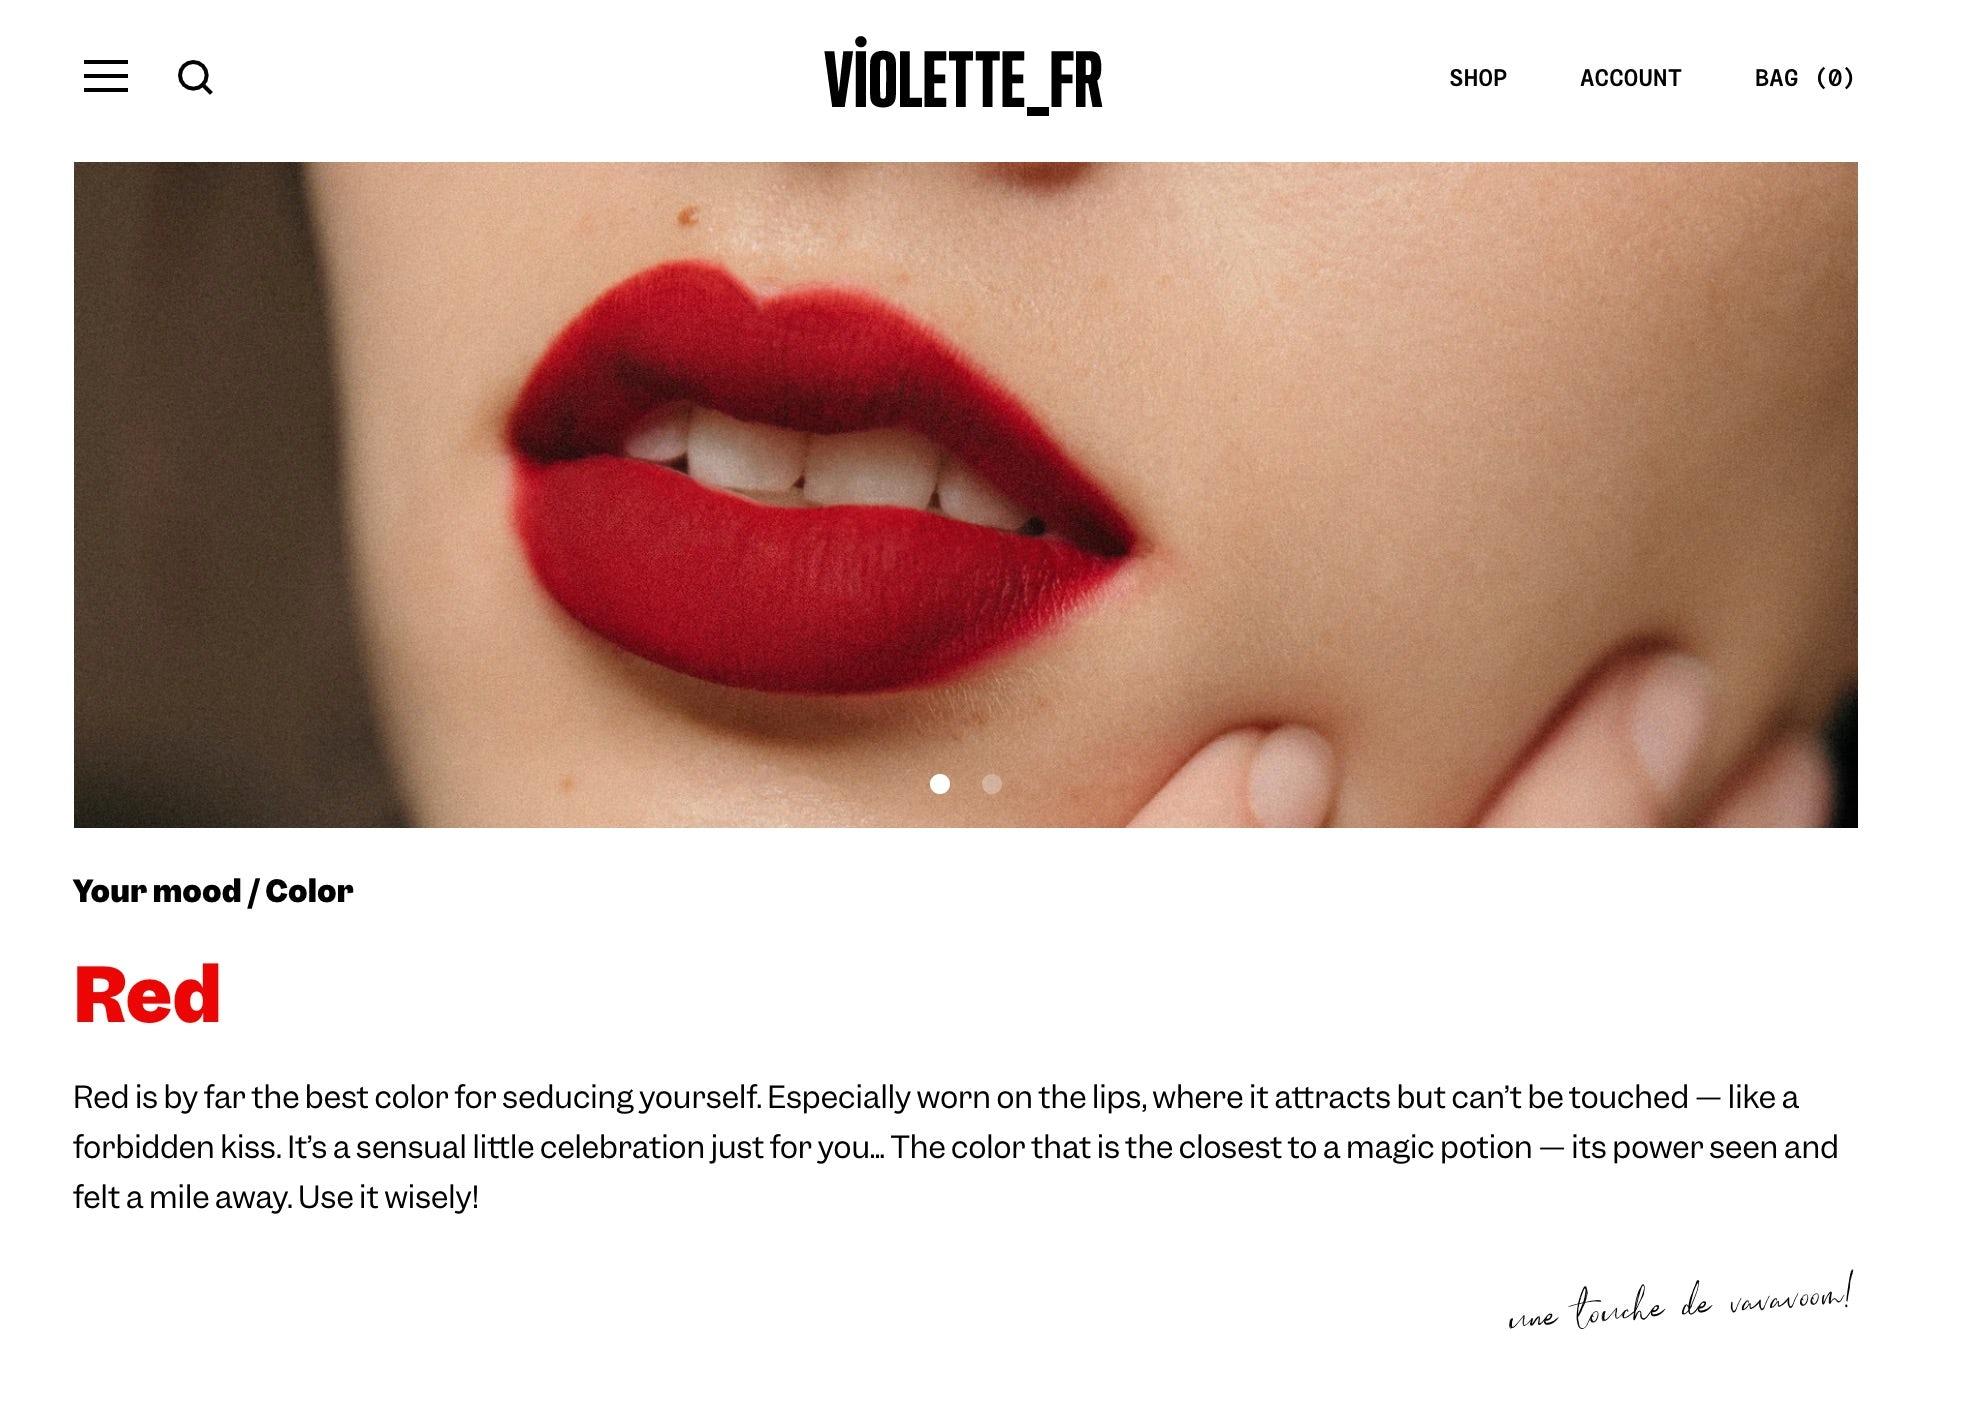 Violette-Fr launches March 30.